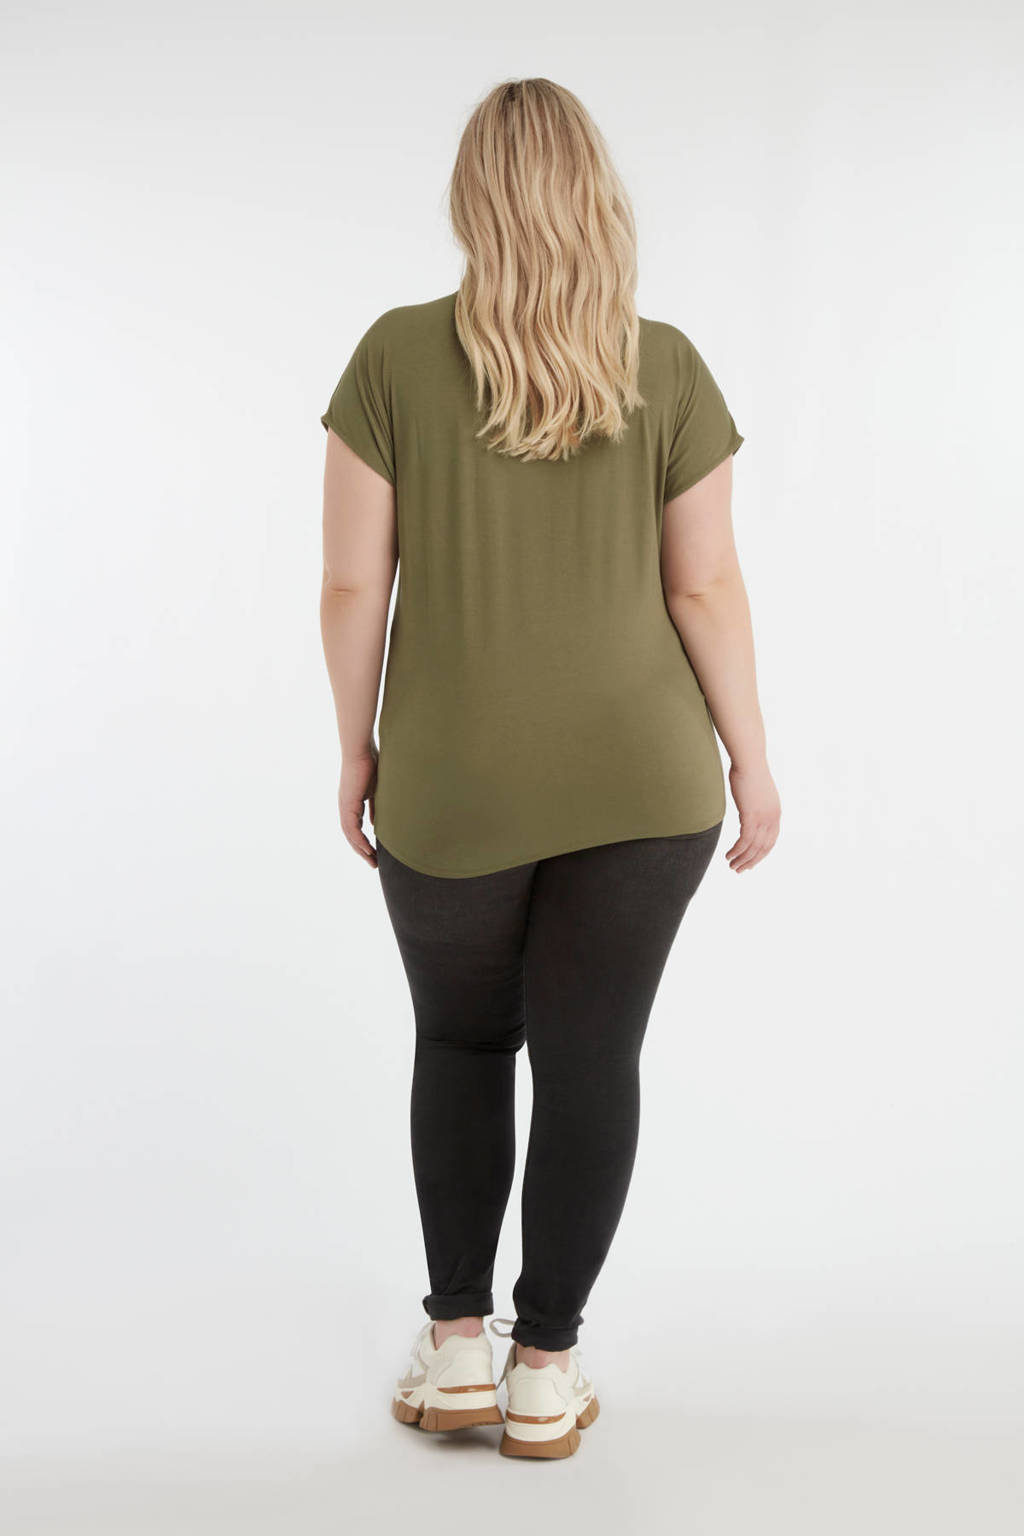 MS Mode top met bladprint olijf groen, Olijf groen